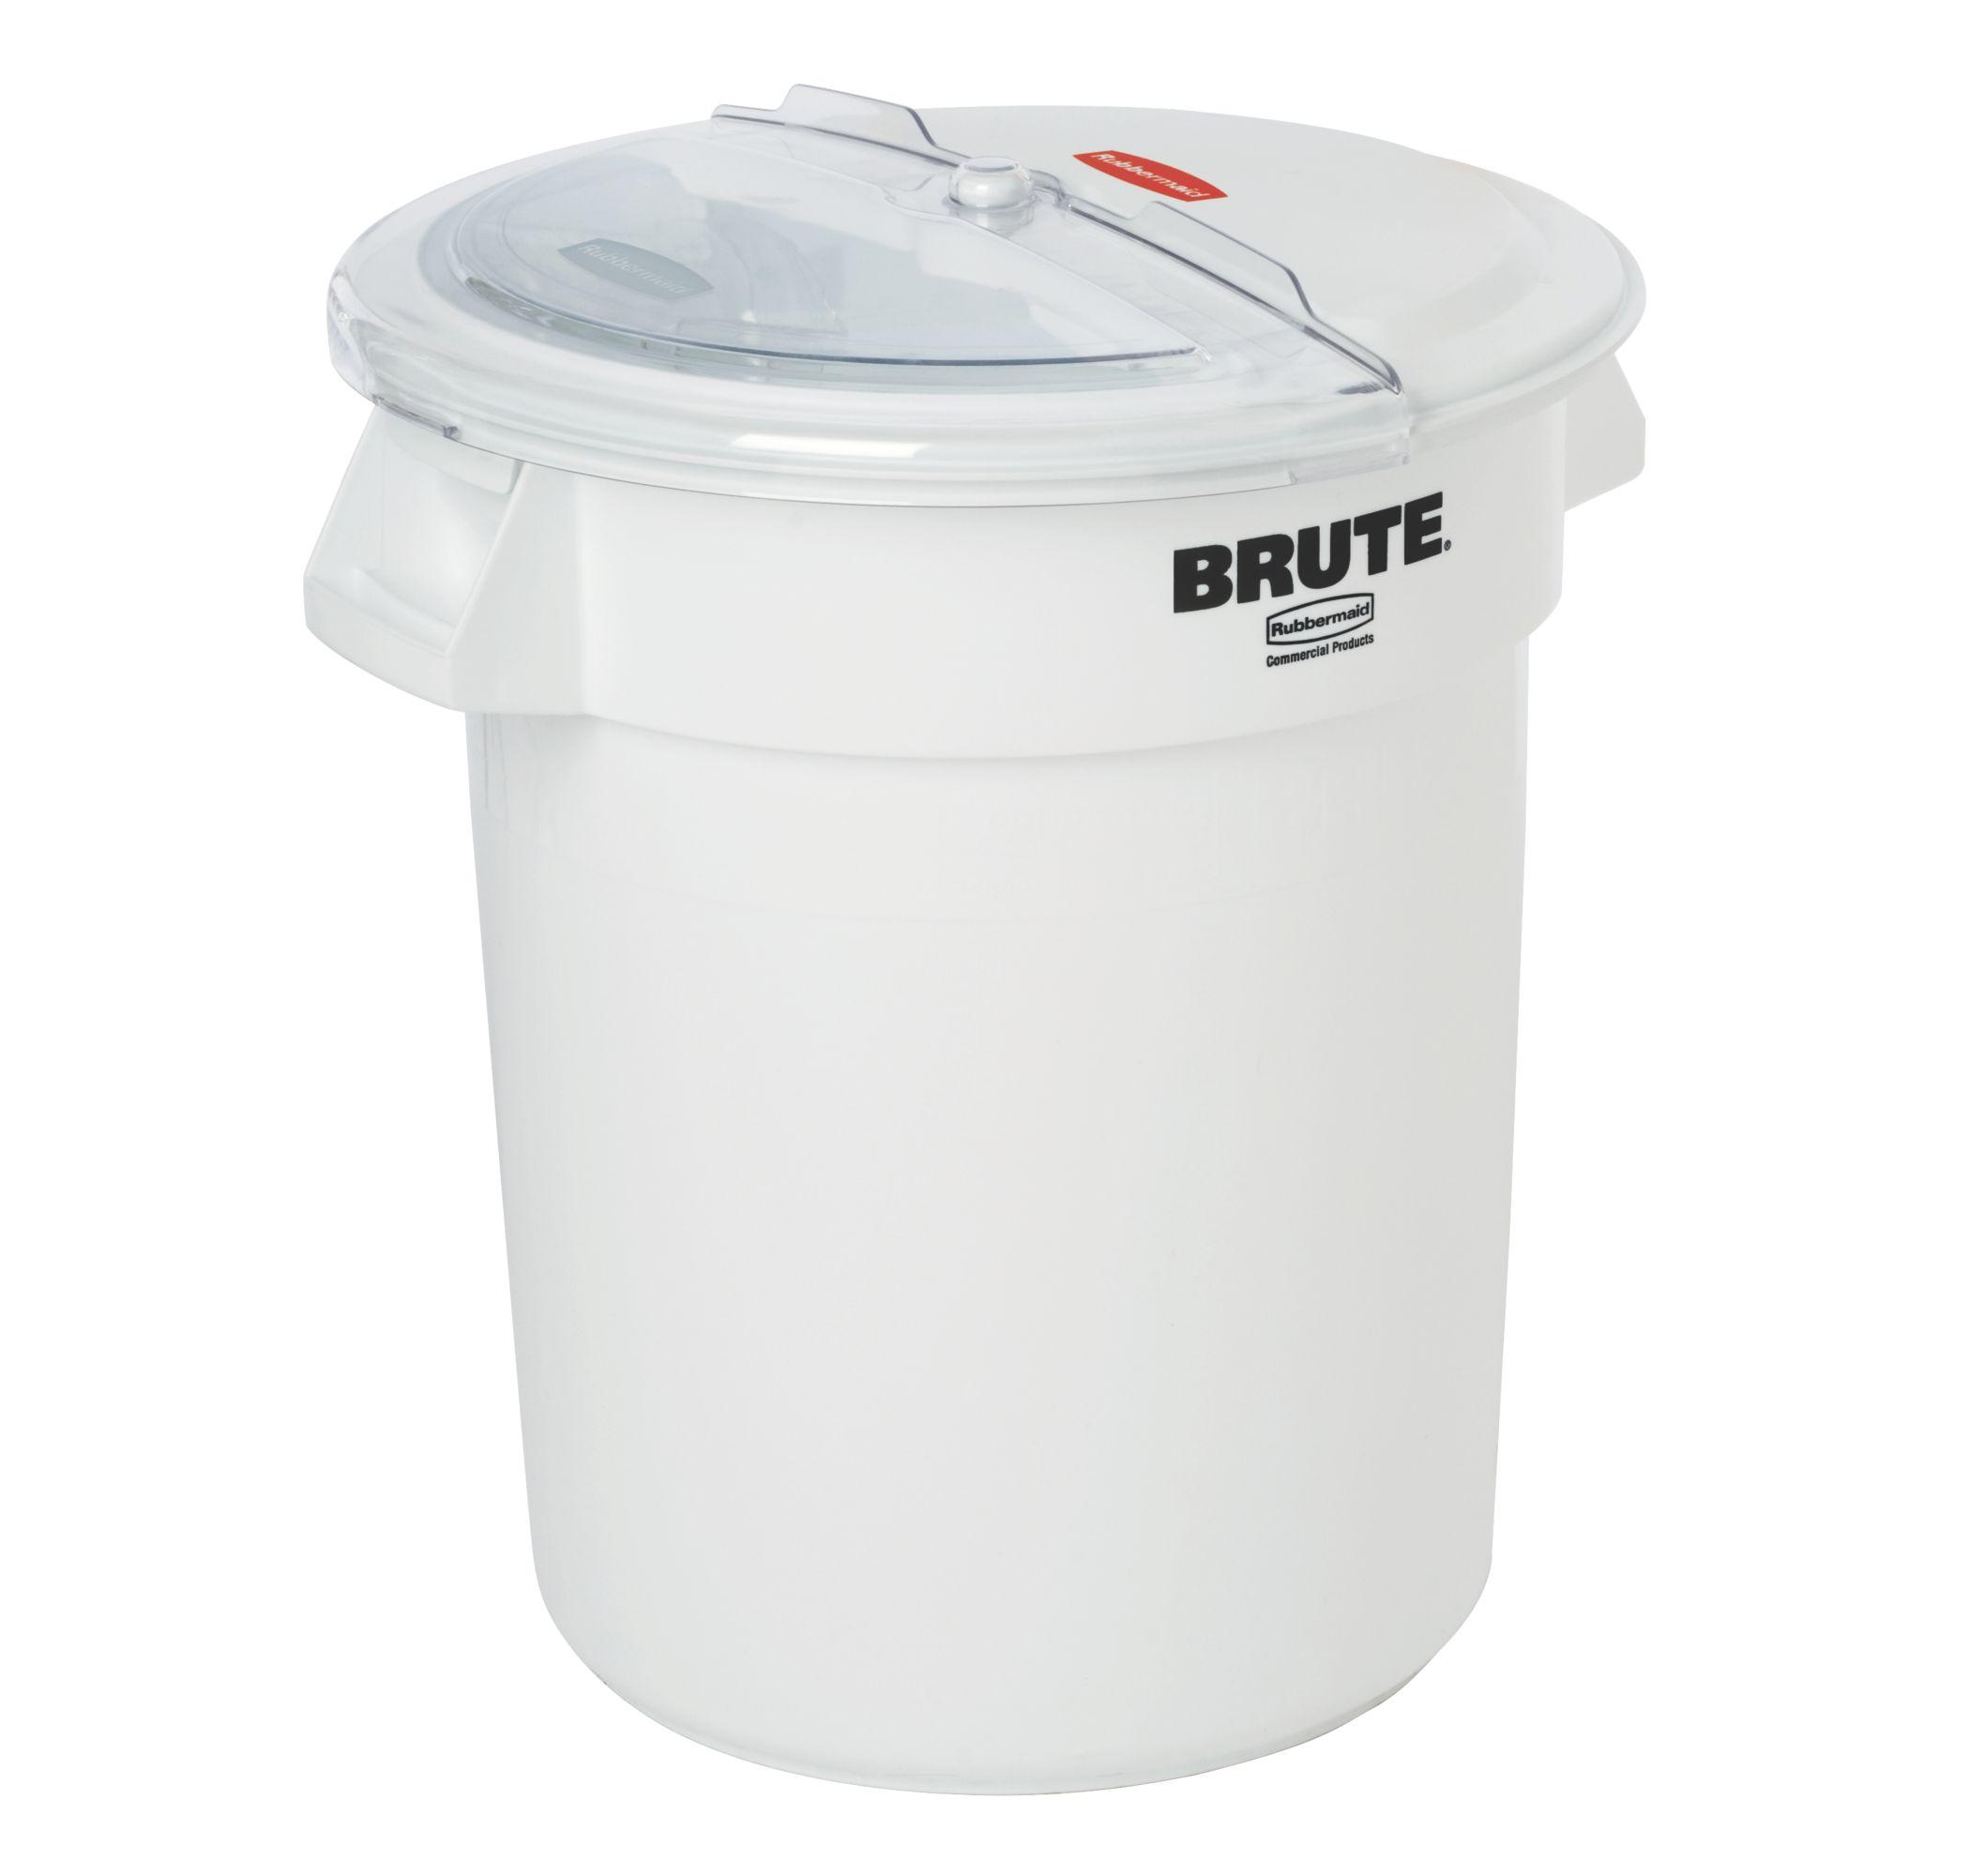 Contenedor Brute + Tapa deslizante y cuchara dosificadora. 75 lts